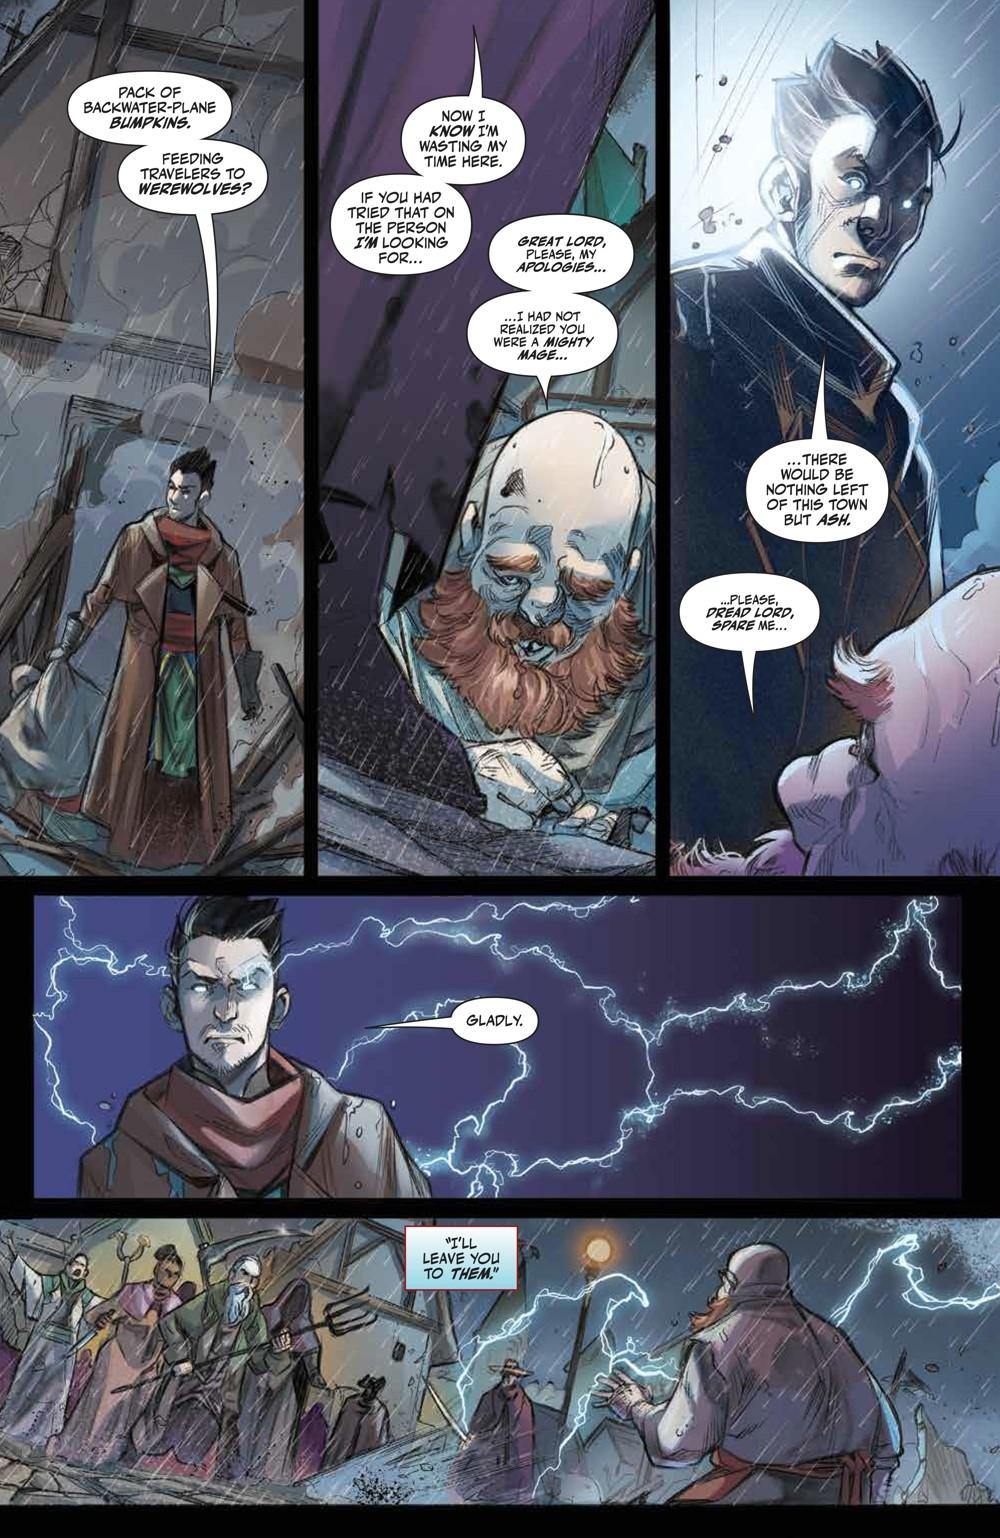 Magic_005_PRESS_8 ComicList Previews: MAGIC #5